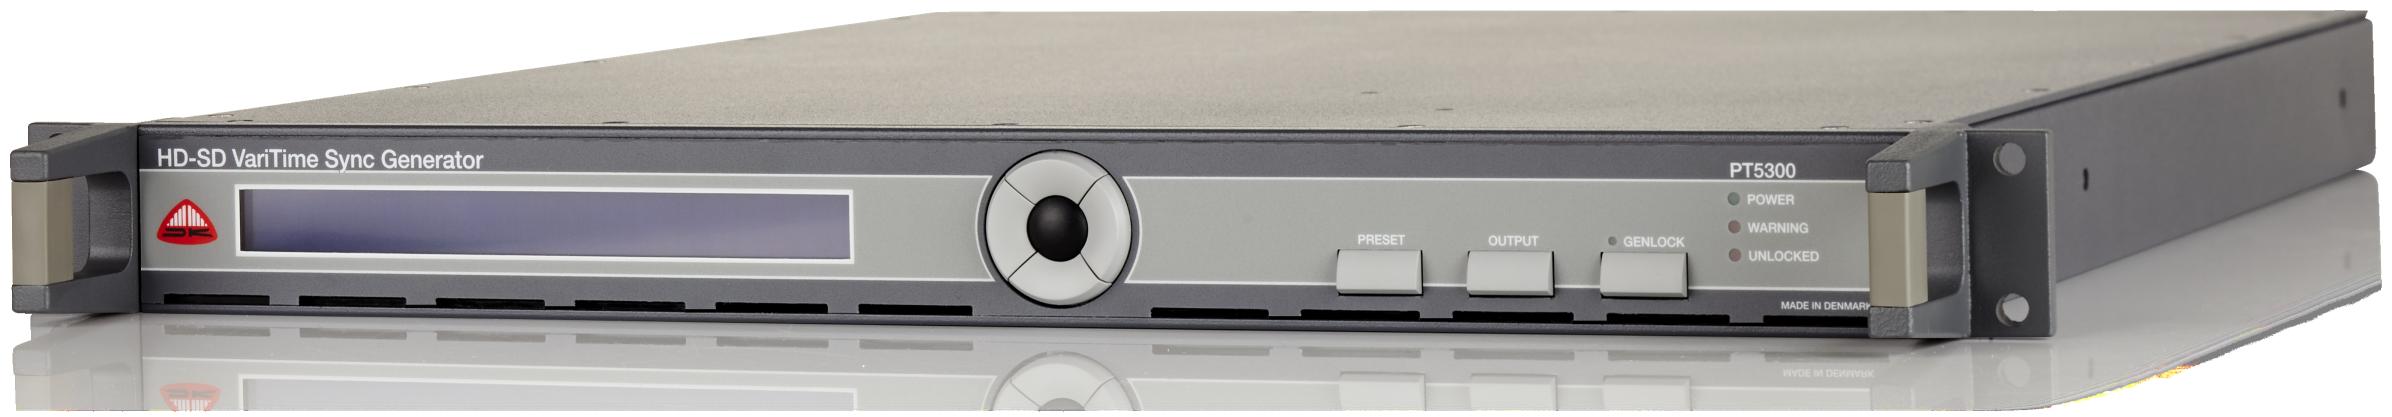 Zubehör Brooklyn Hq Toslink-kabel Optisches Kabel Digital Audio Für Xbox One 360 Konsole äSthetisches Aussehen Audiokabel & Adapter